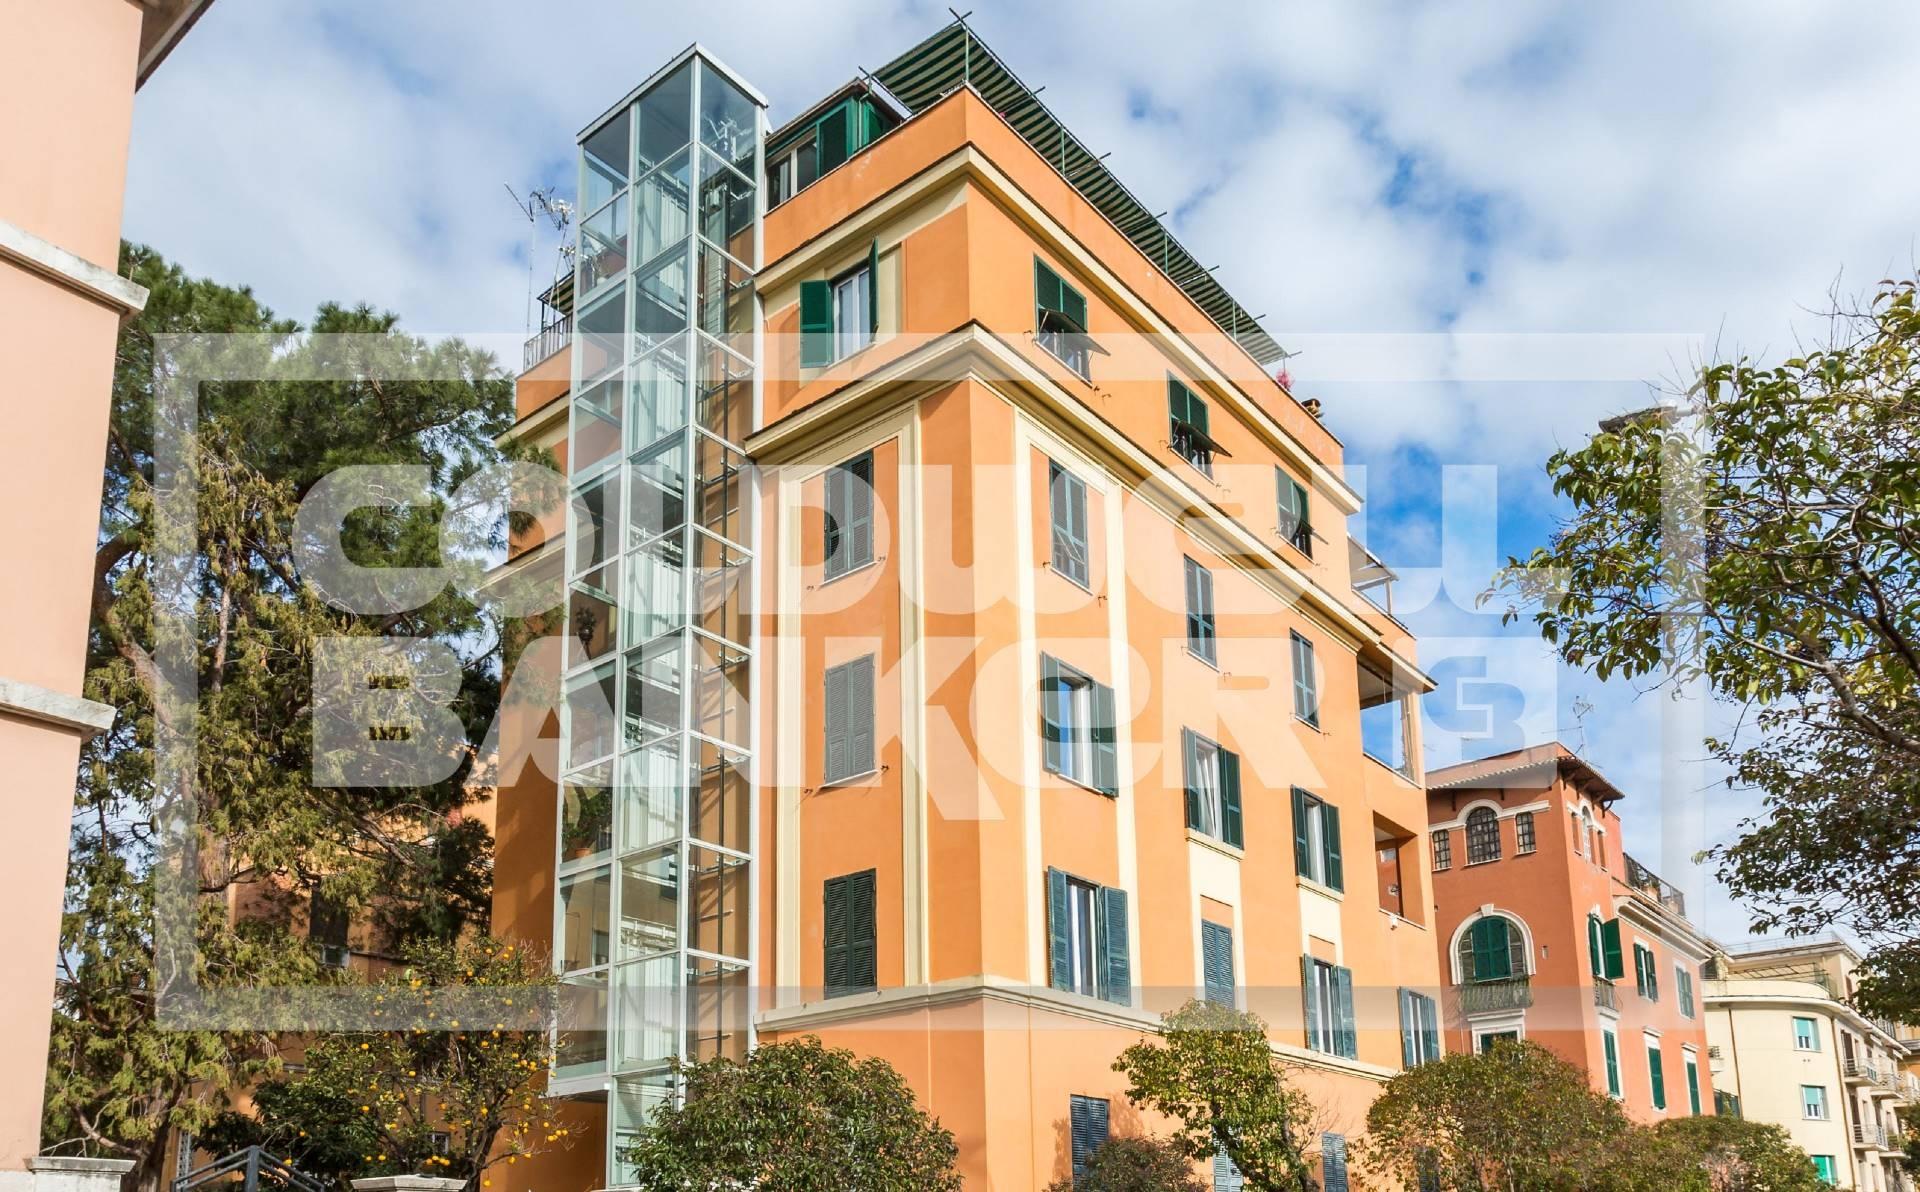 Cbi038 144 43520gc appartamento in affitto a roma for Affitto studio medico roma parioli